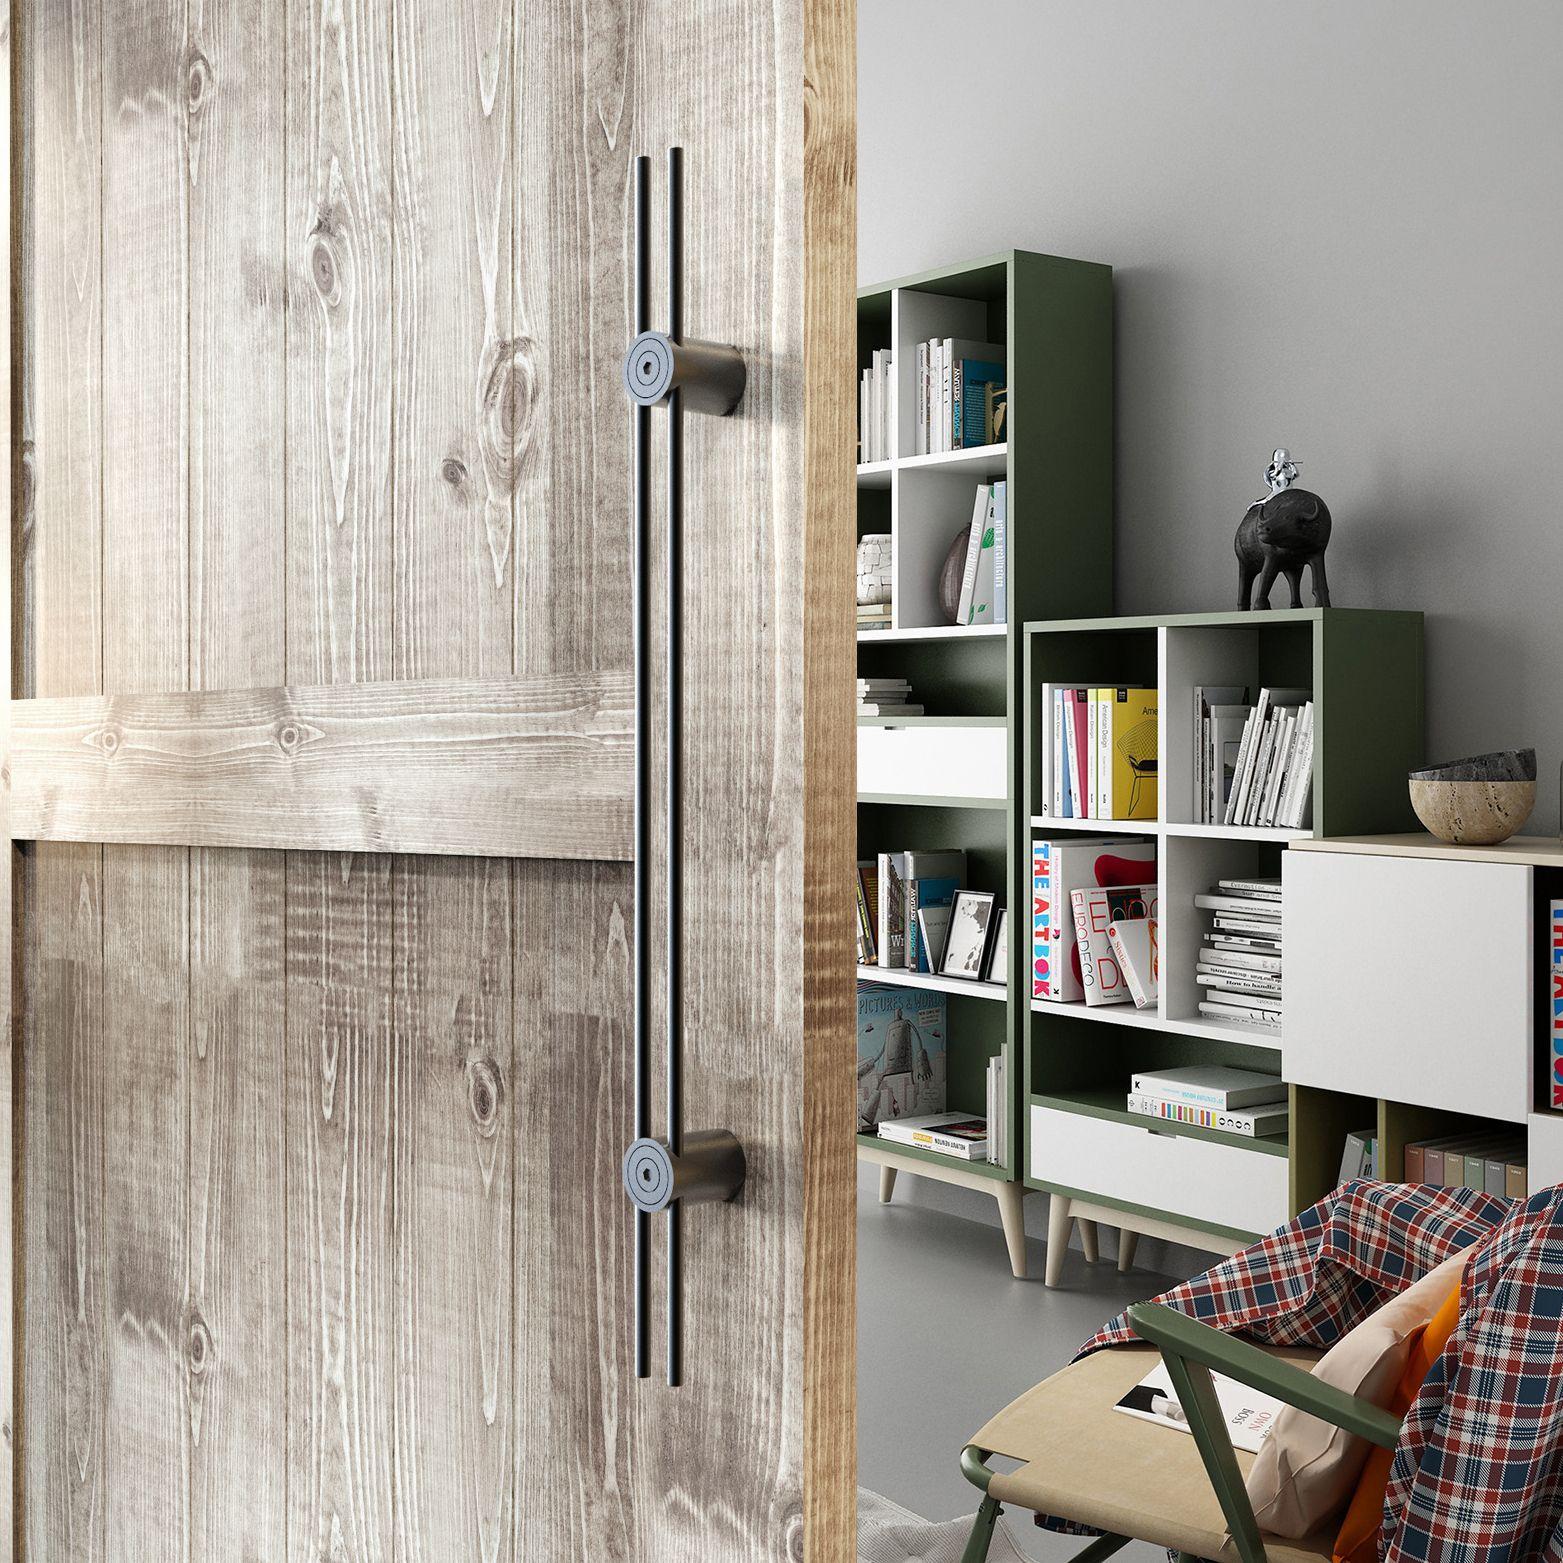 Trousse de poignée de traction longue en acier inoxydable lisse lisse en acier inoxydable pour porte de grange en bois longue 600/800/900/1000/1200 / 1500mm